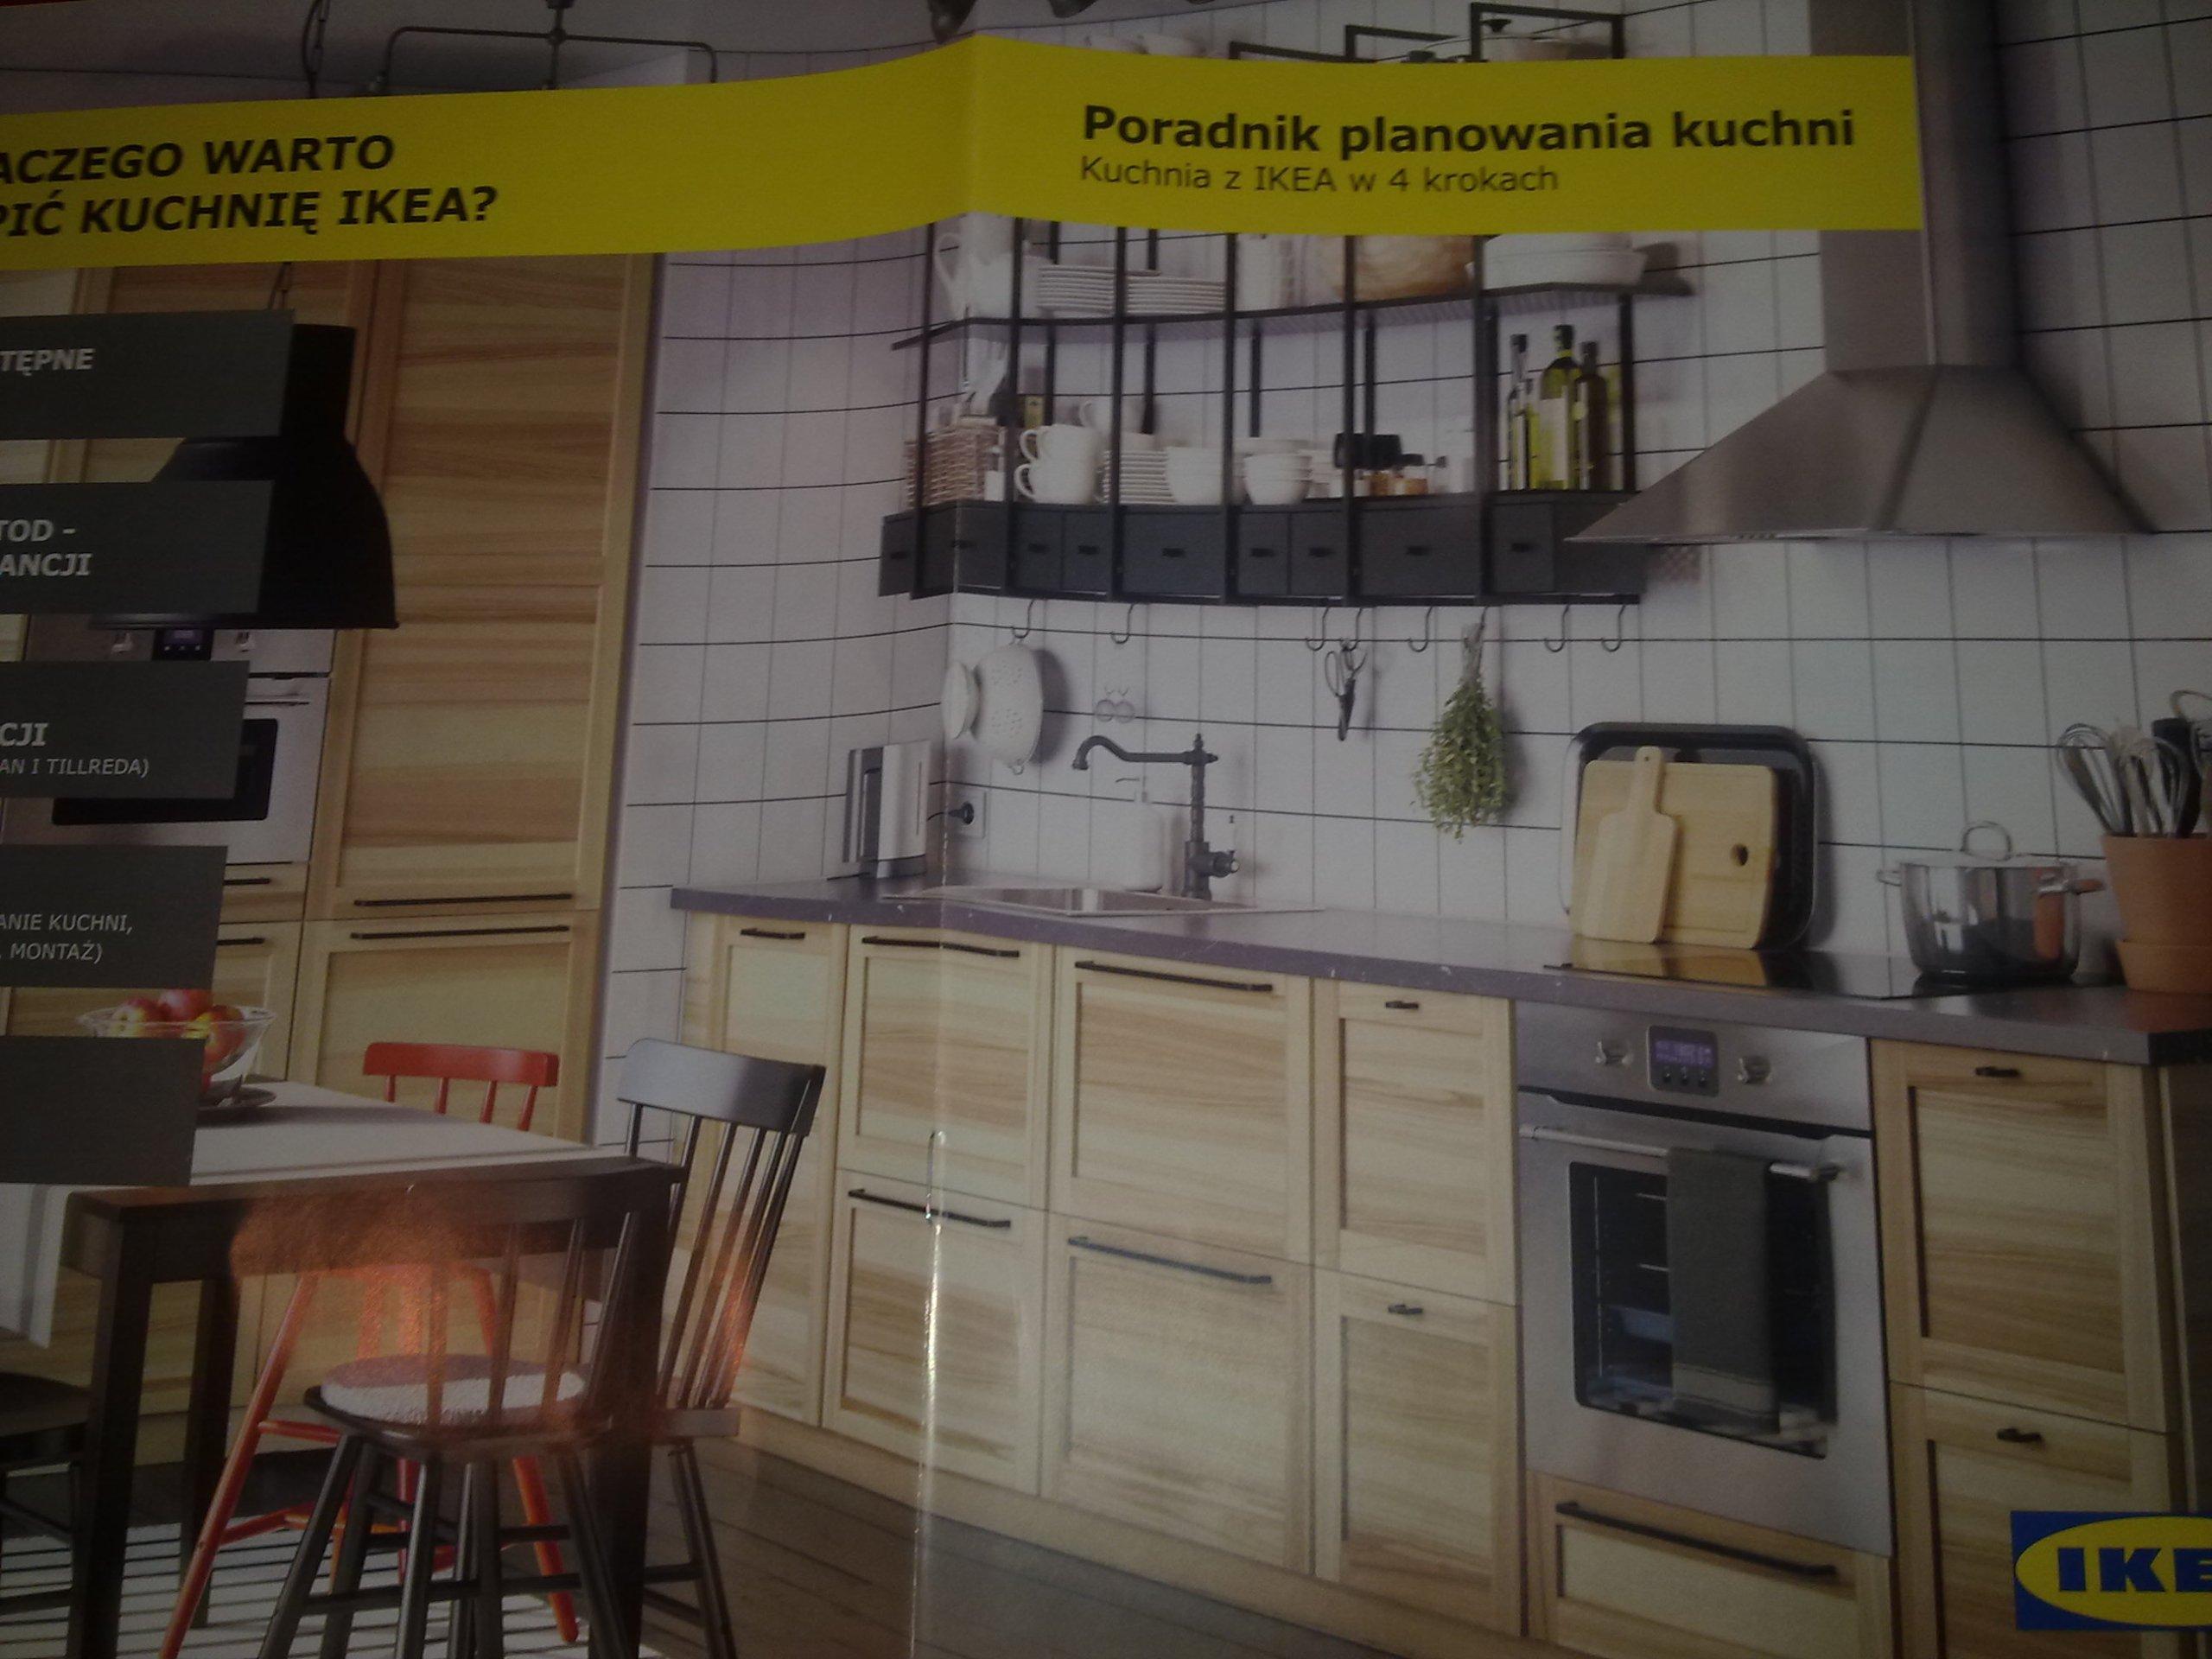 Katalog Ikea Poradnik Planowania Kuchni 2018 W 4